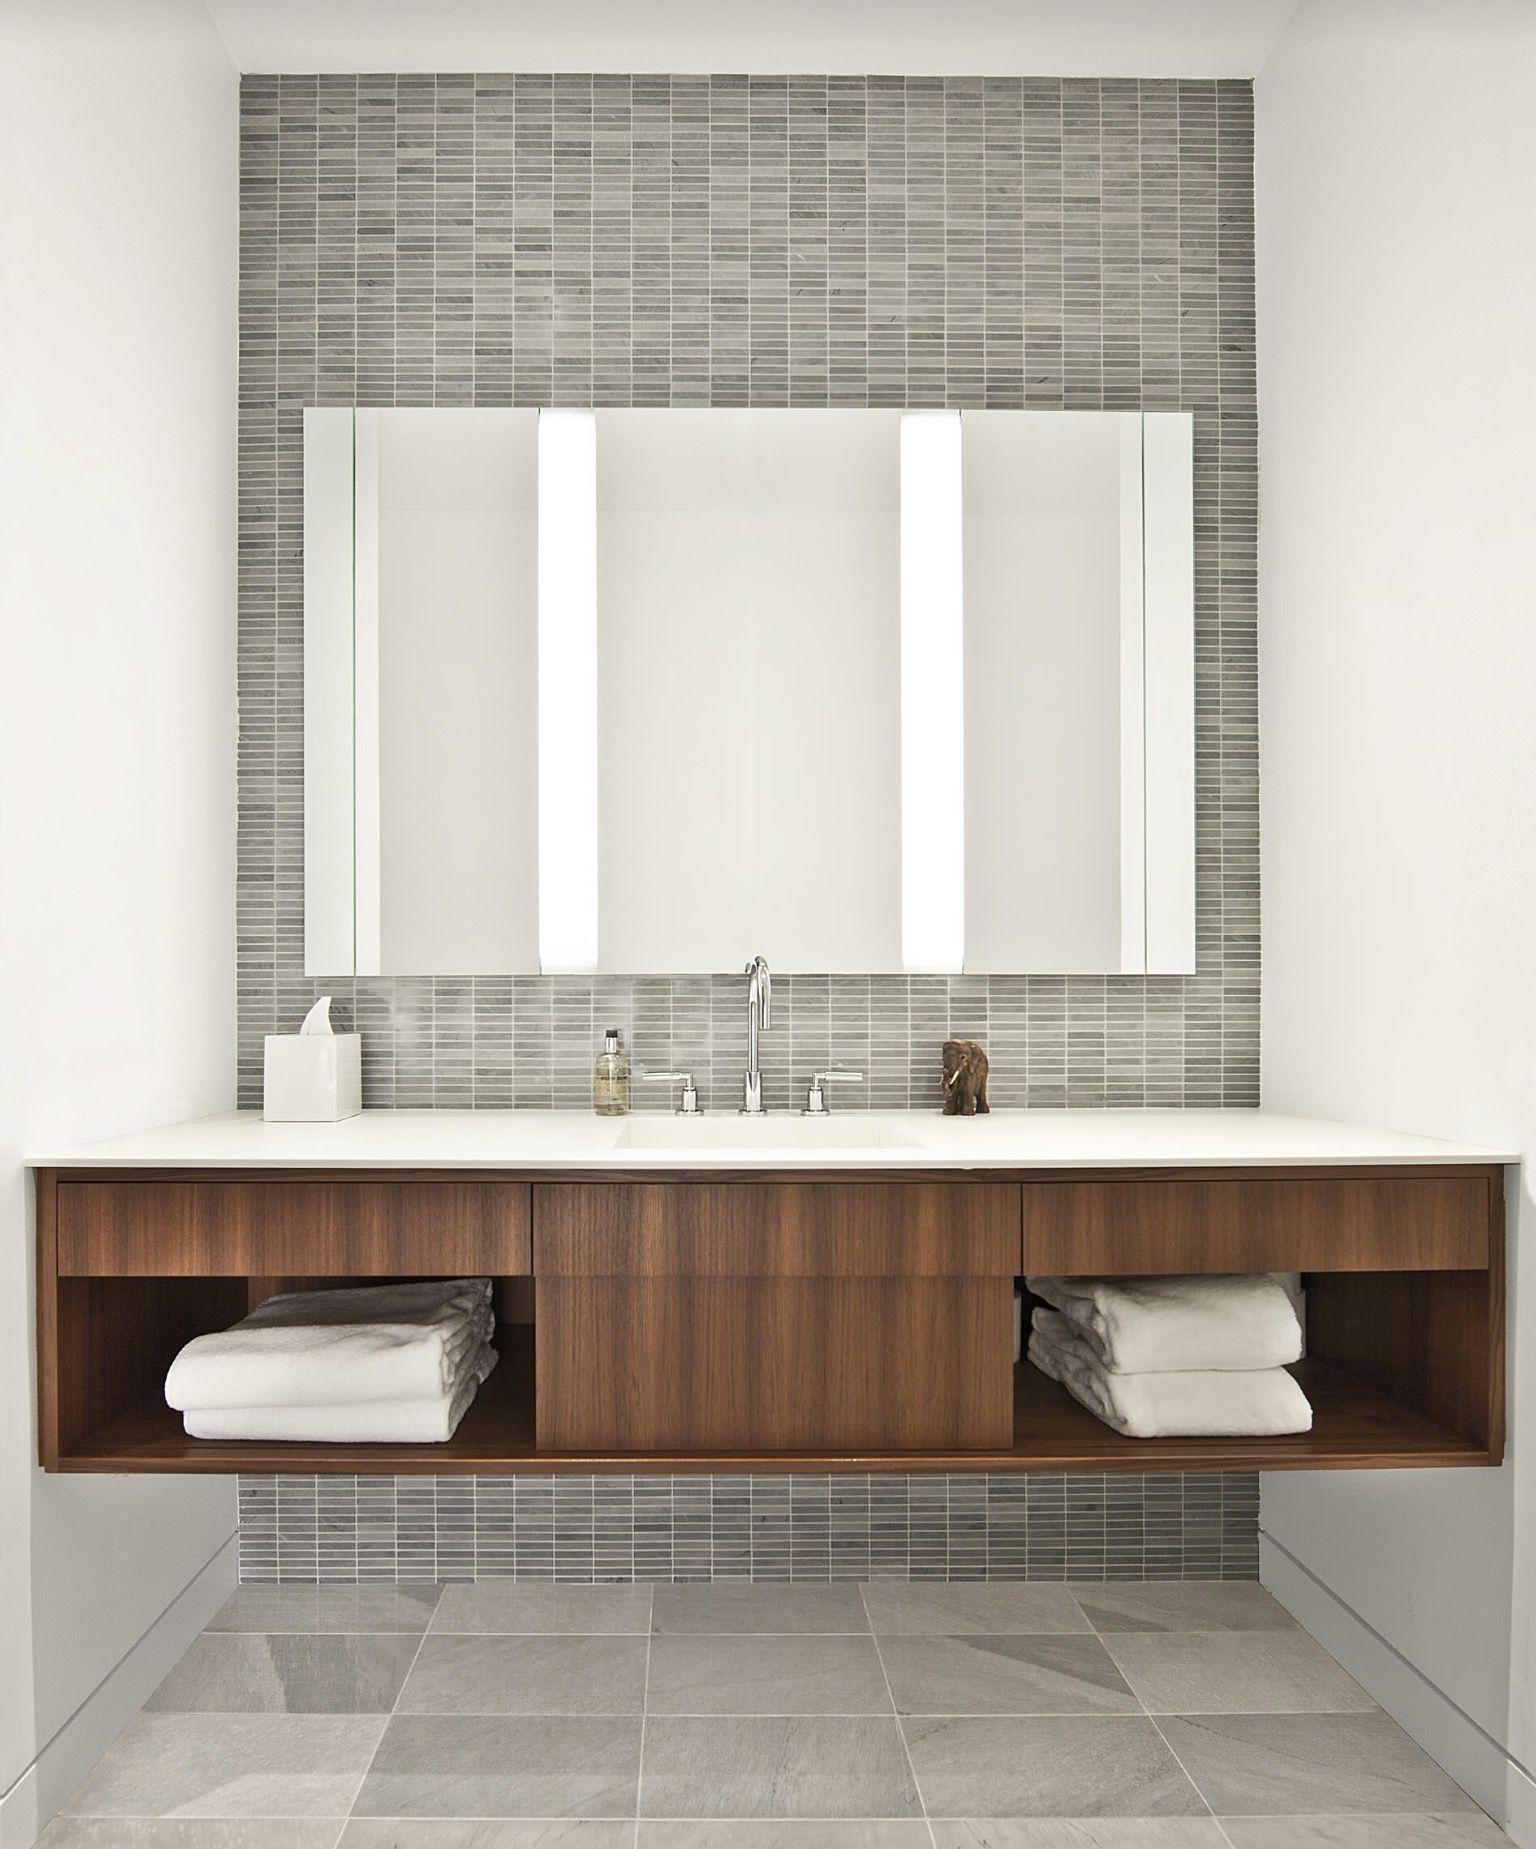 Pin de J en Home design | Pinterest | Baños, Decoracion baños y Loft